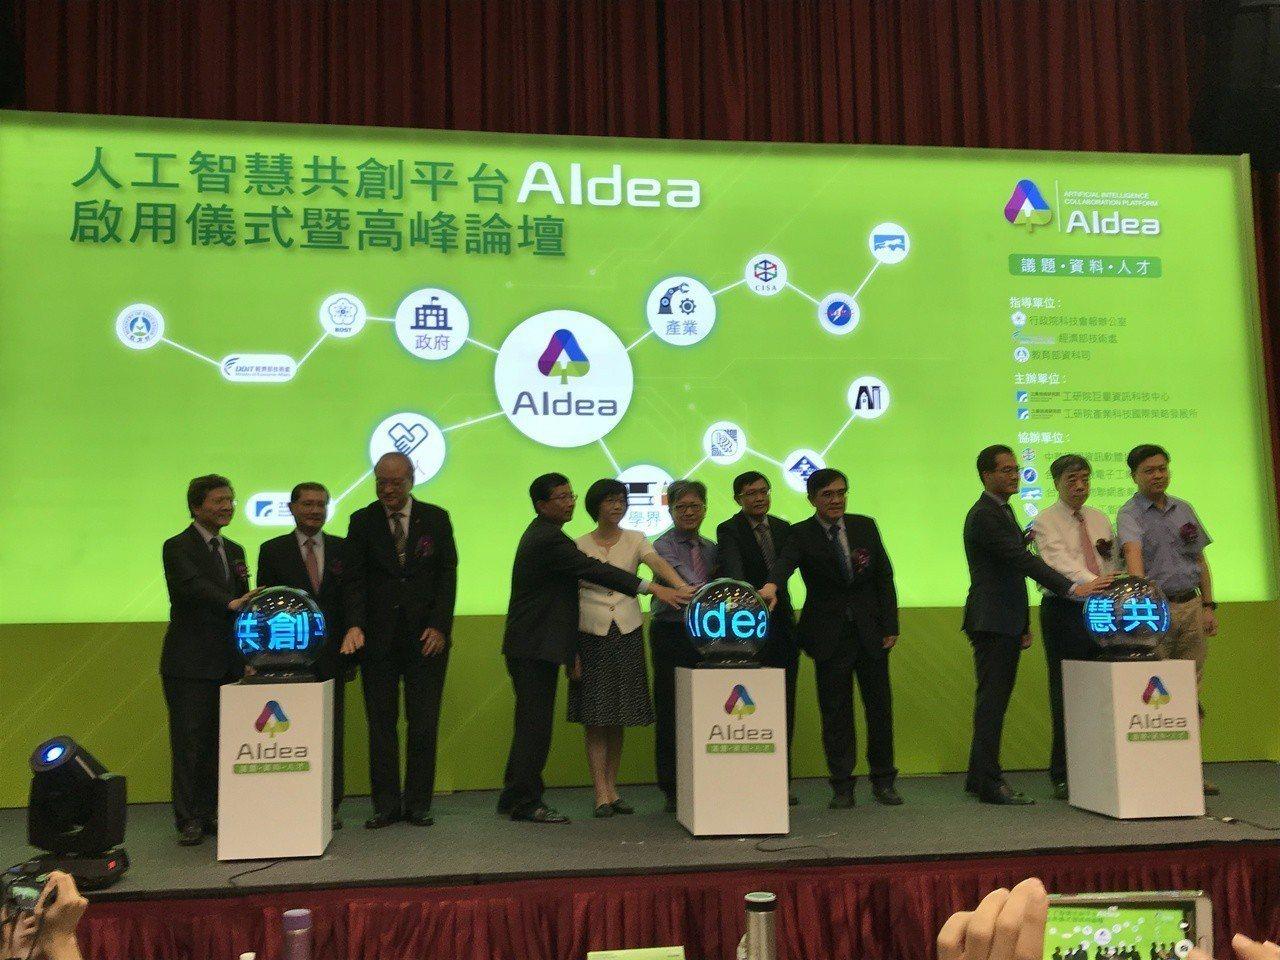 人工智慧共創平台AIdea今啟用,工研院助企業AI應用遍地開花。記者李珣瑛/攝影